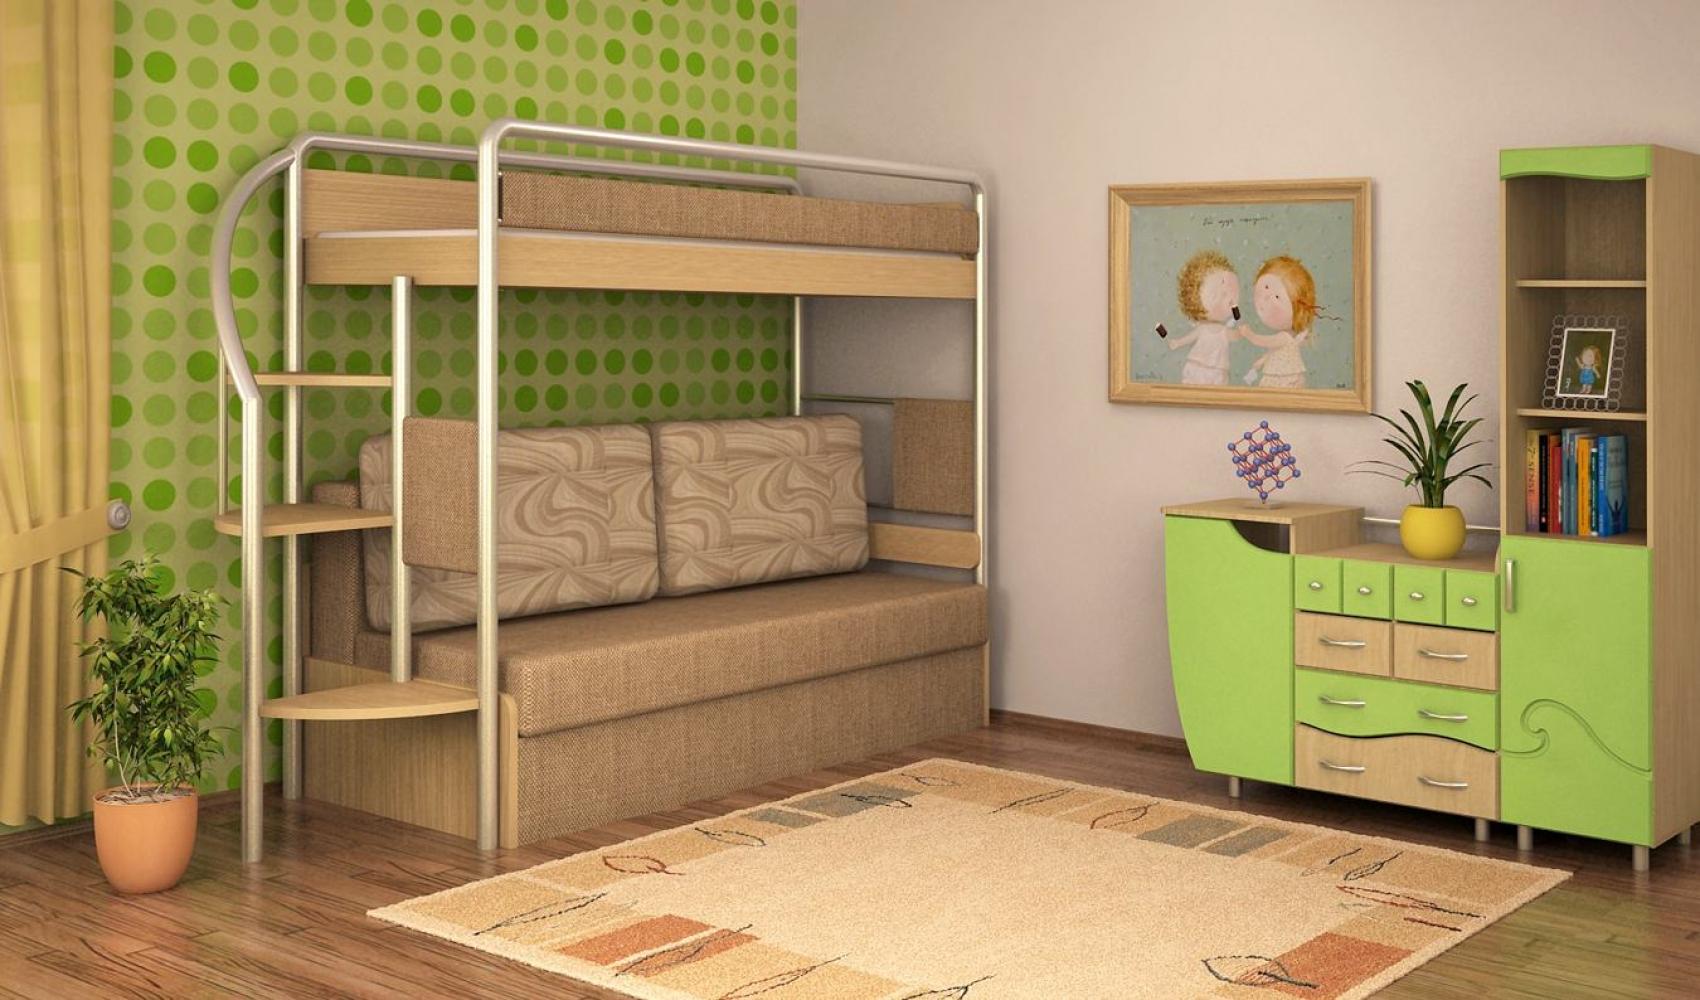 детские двухъярусные кровати с диваном 65 фото двухъярусная